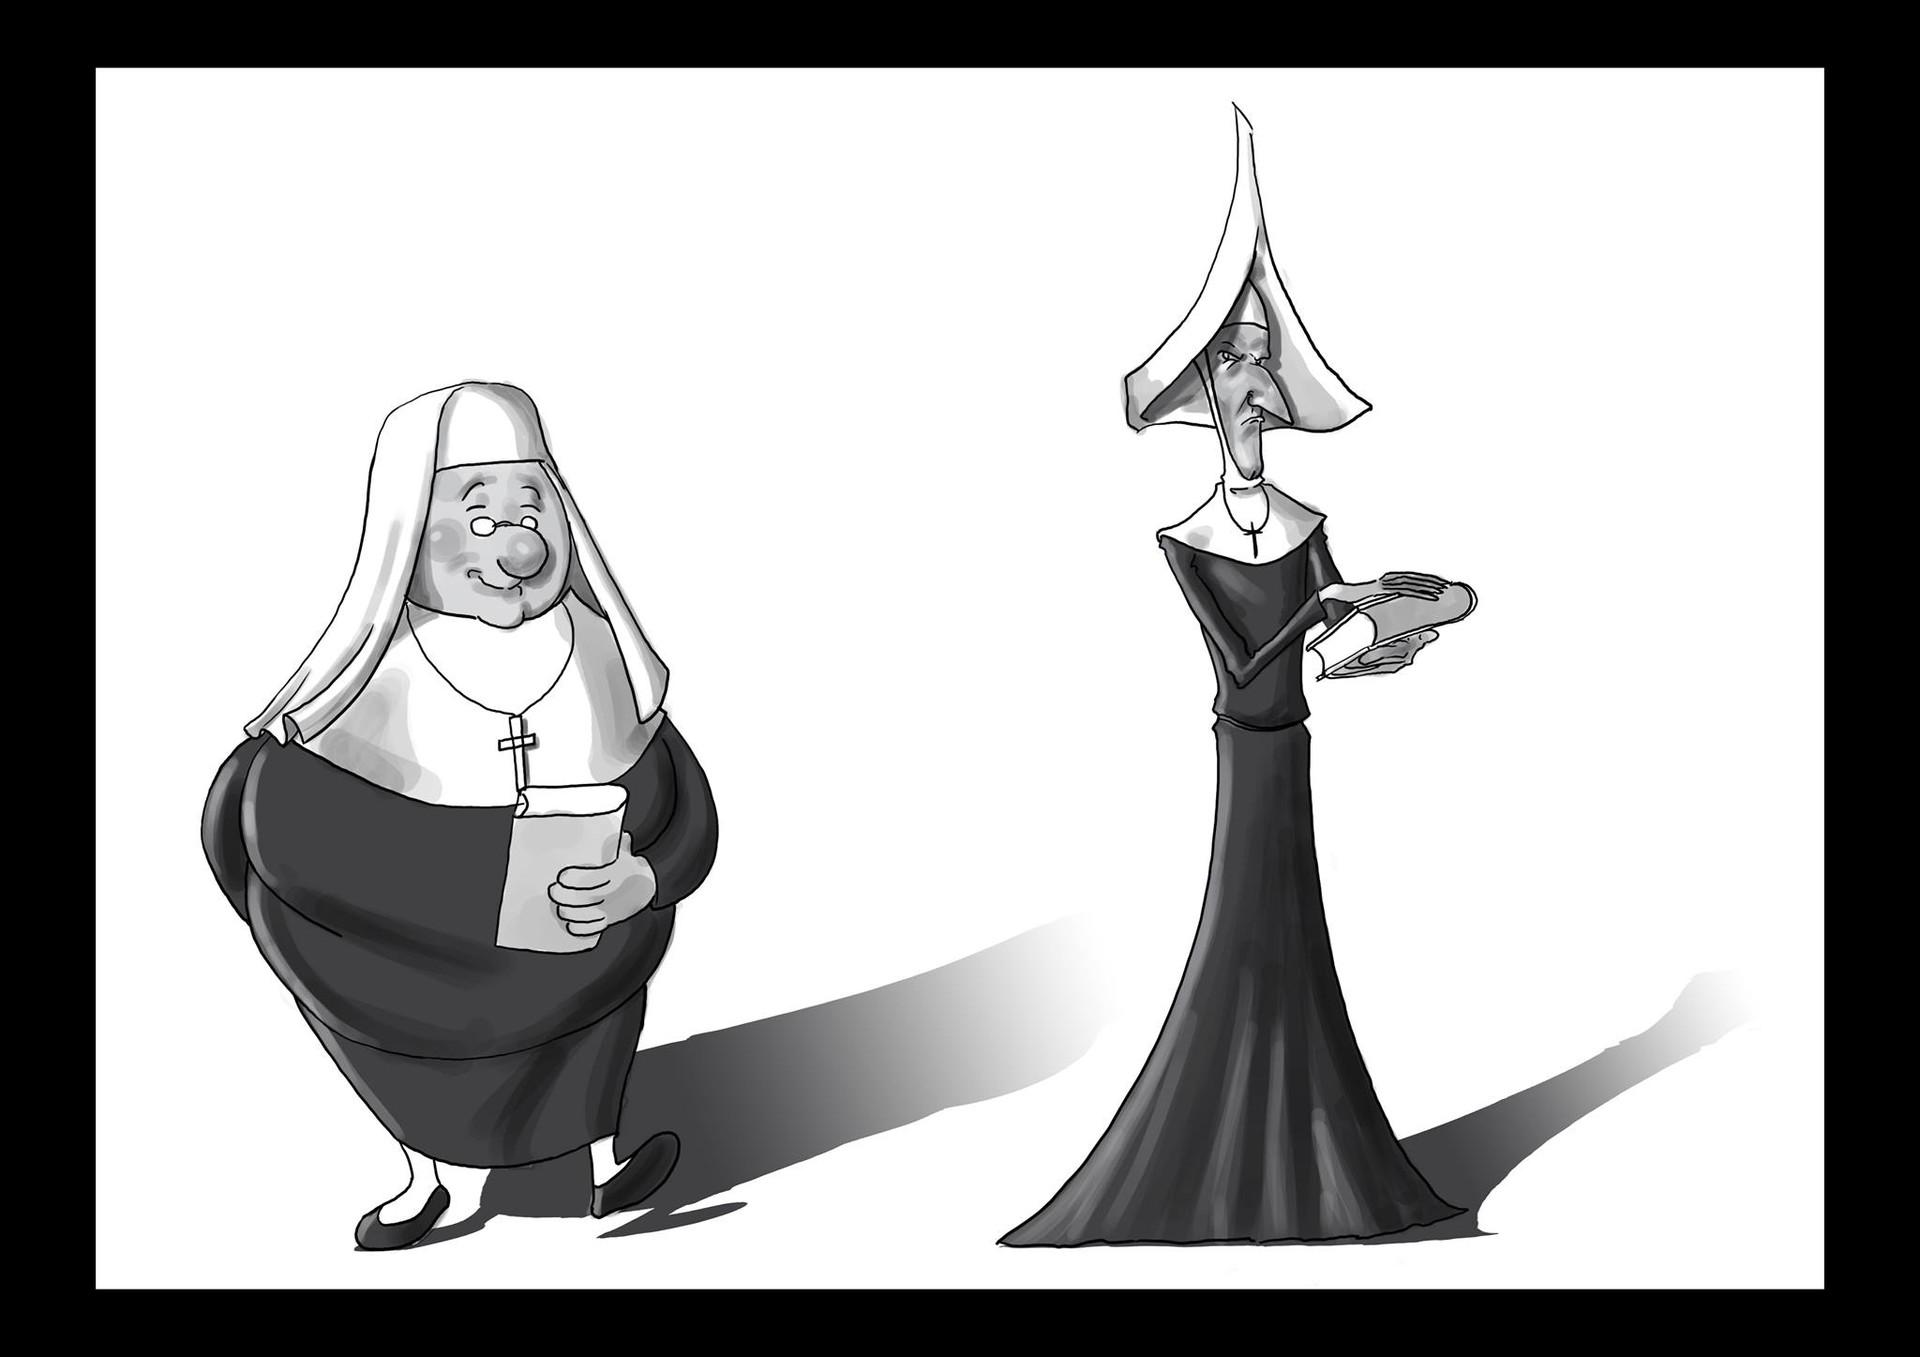 Joao baptista nuns